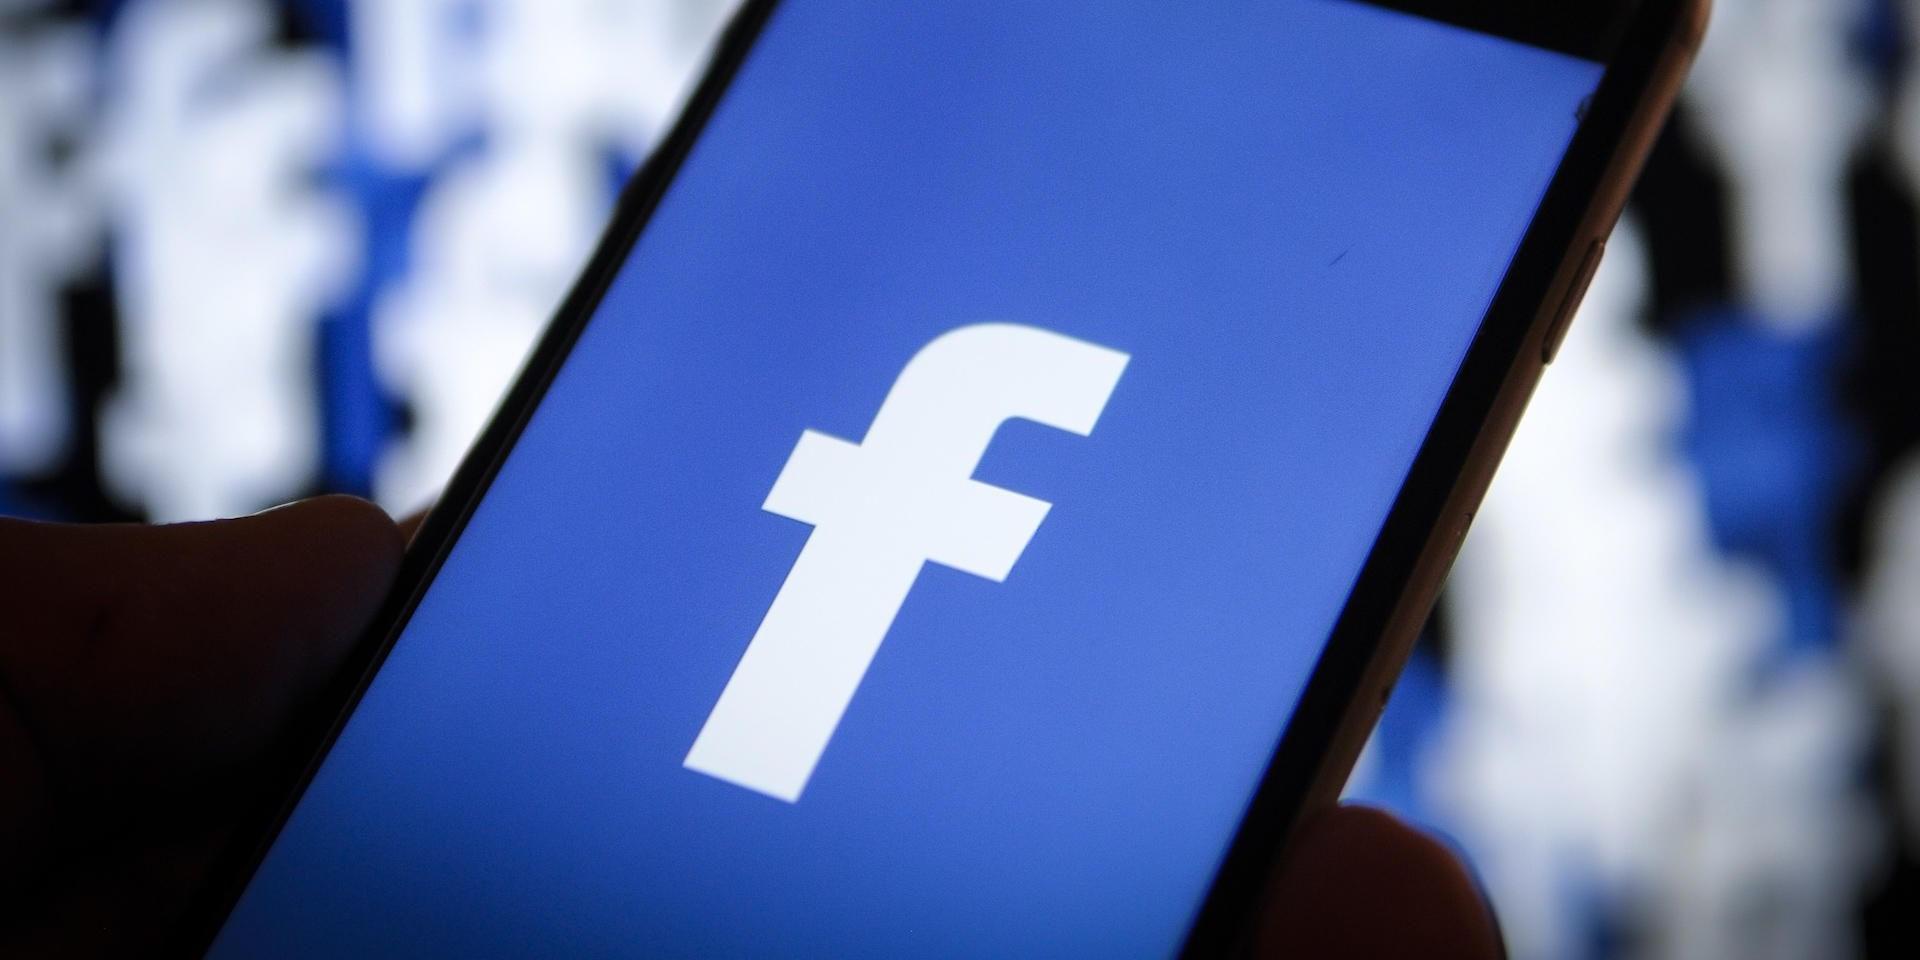 Facebook устранила уязвимость, которая использовала камеру в фоновом режиме на iPhone